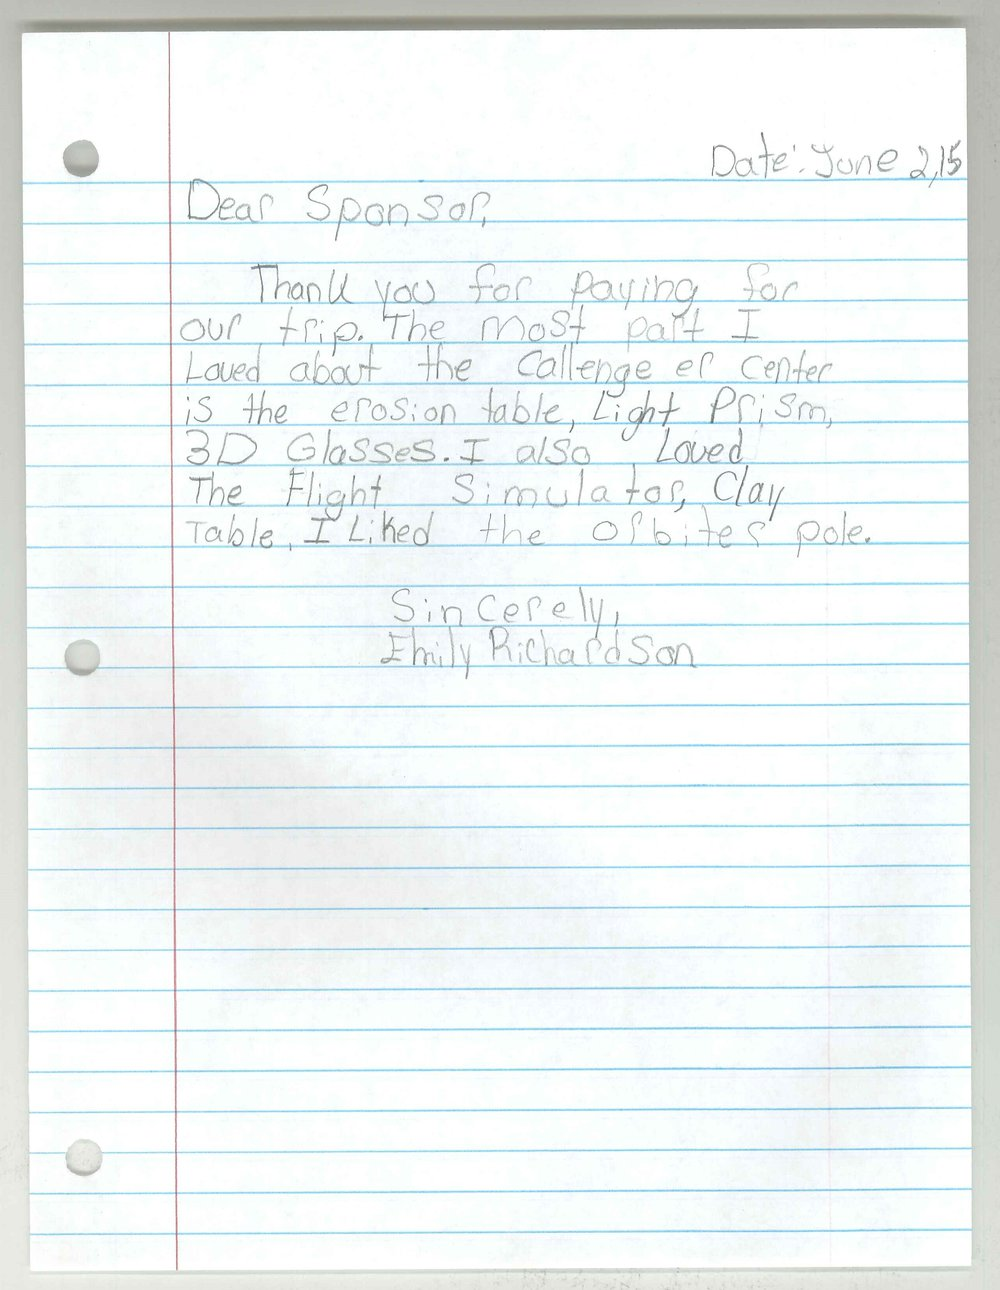 2015-06-23 Martha Jane Potter Elementary- Linda Cantrell-student letter 6.jpg